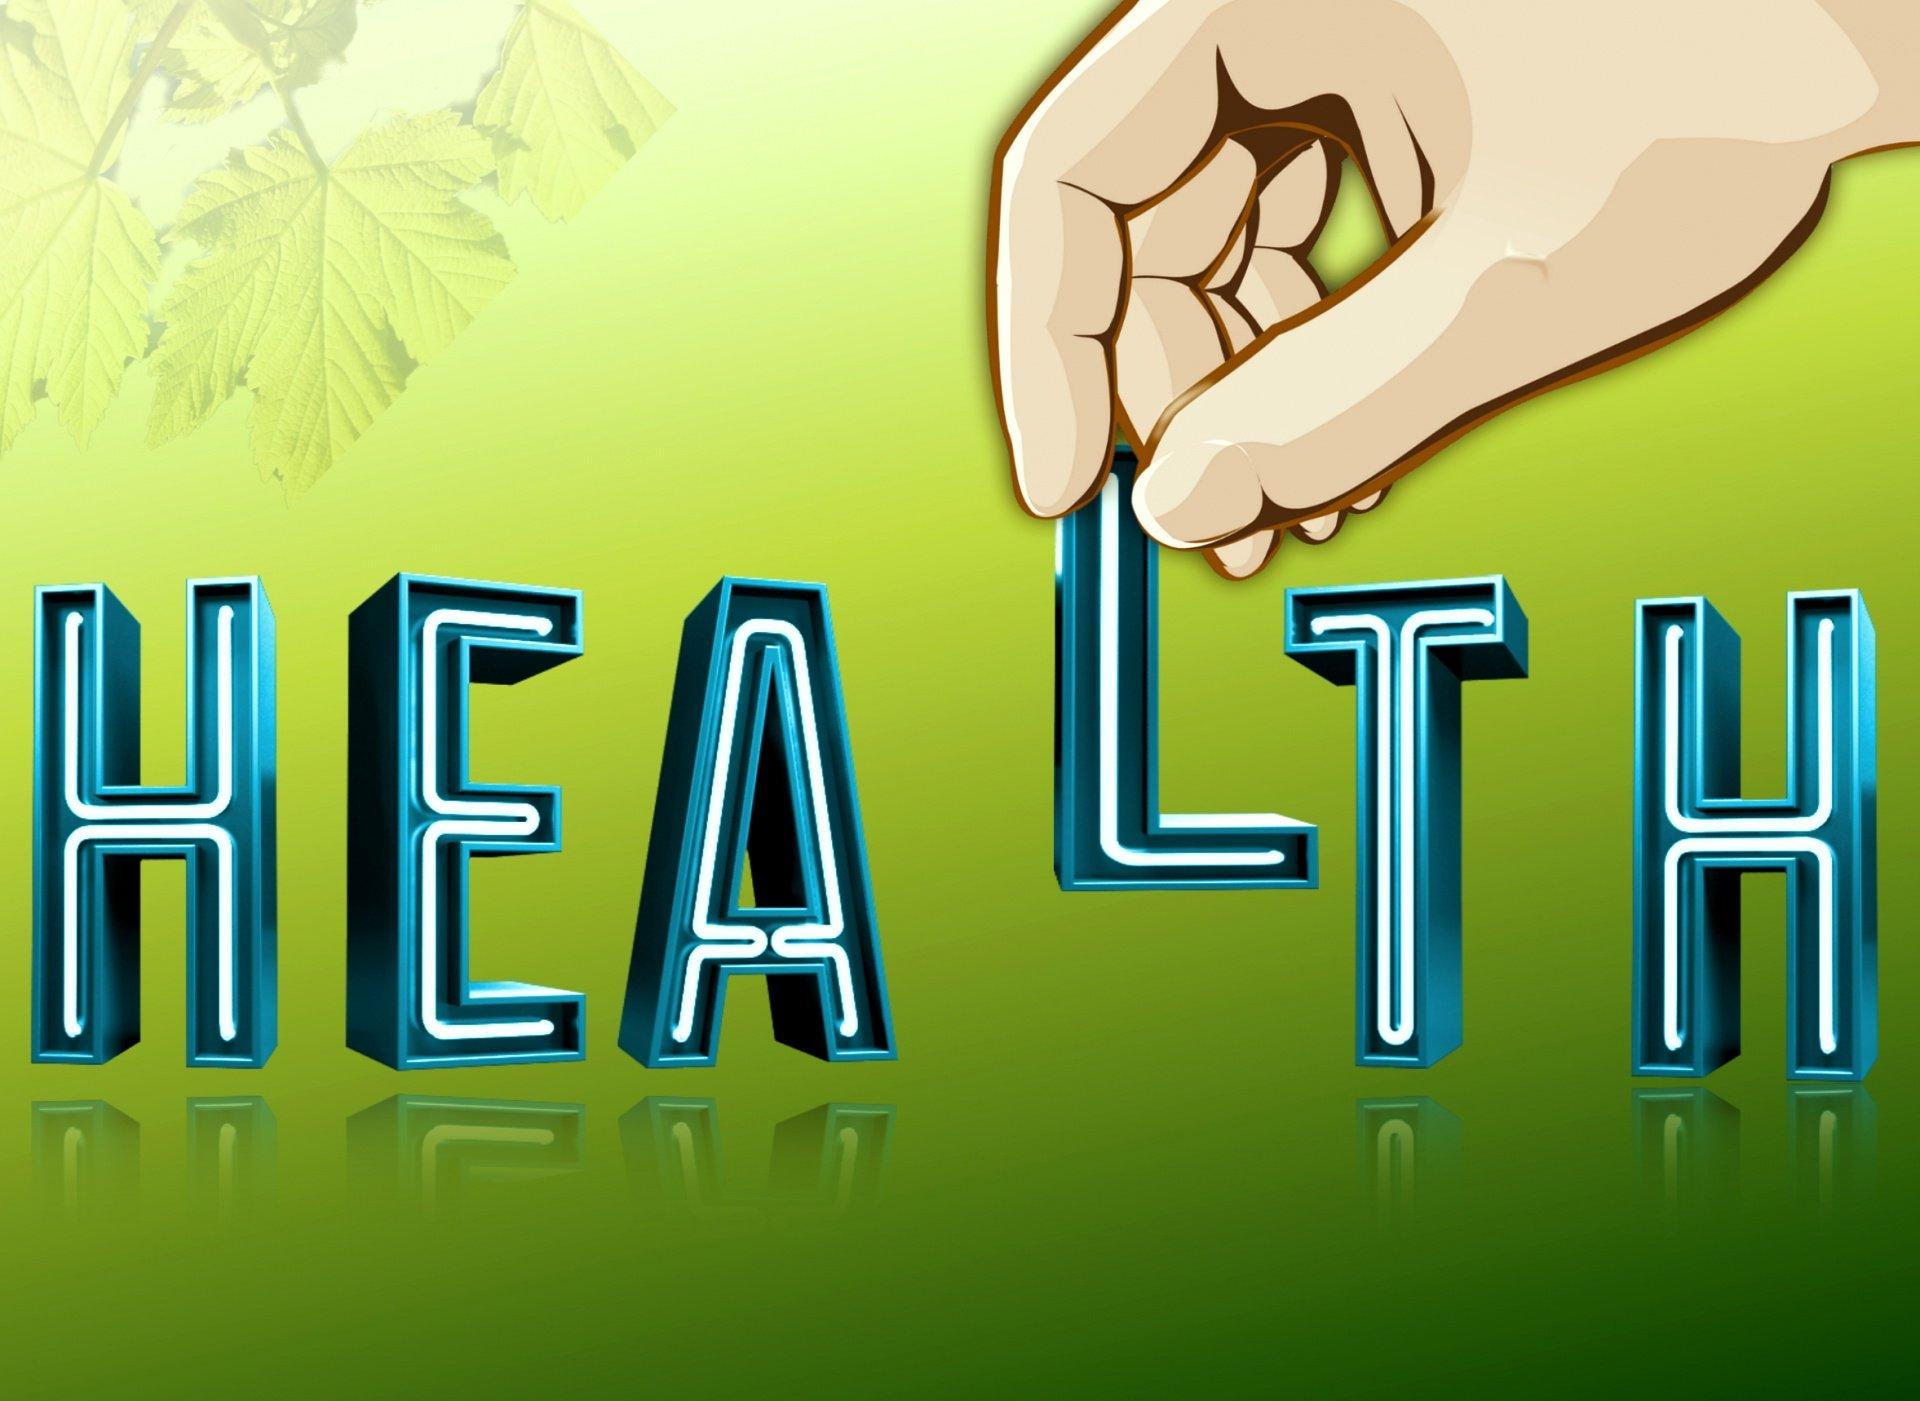 Kommunales Abwasser enthält die Schlüssel zu tracking-opioid-intervention-Initiativen